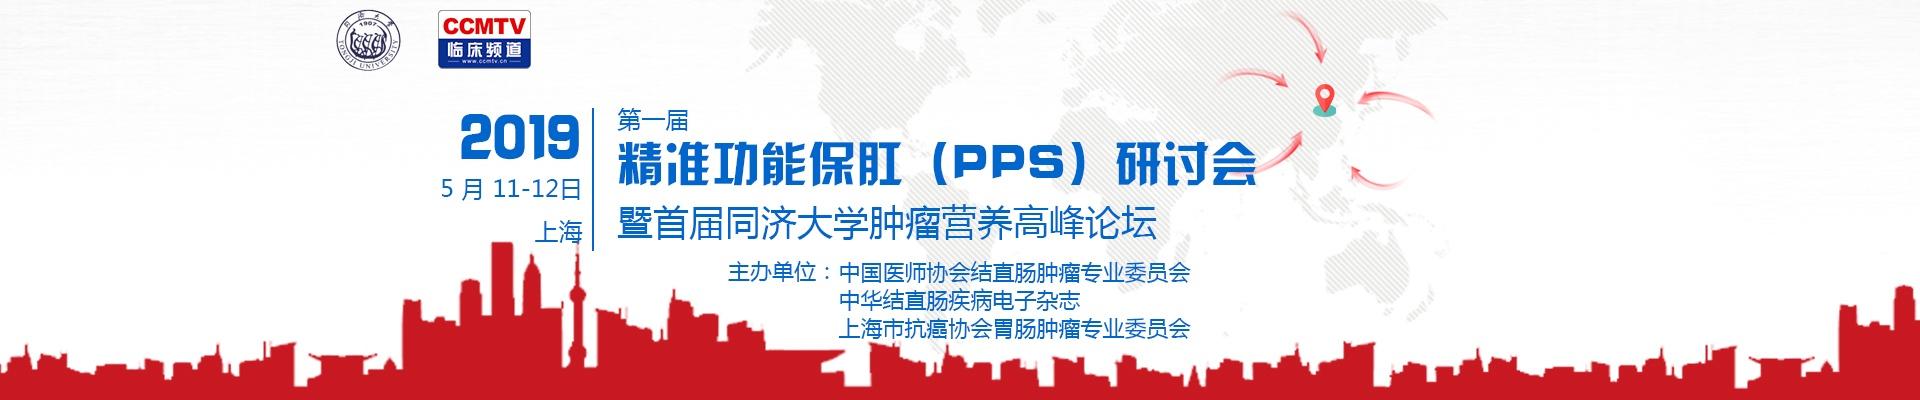 第一届精准功能保肛(PPS)研讨会